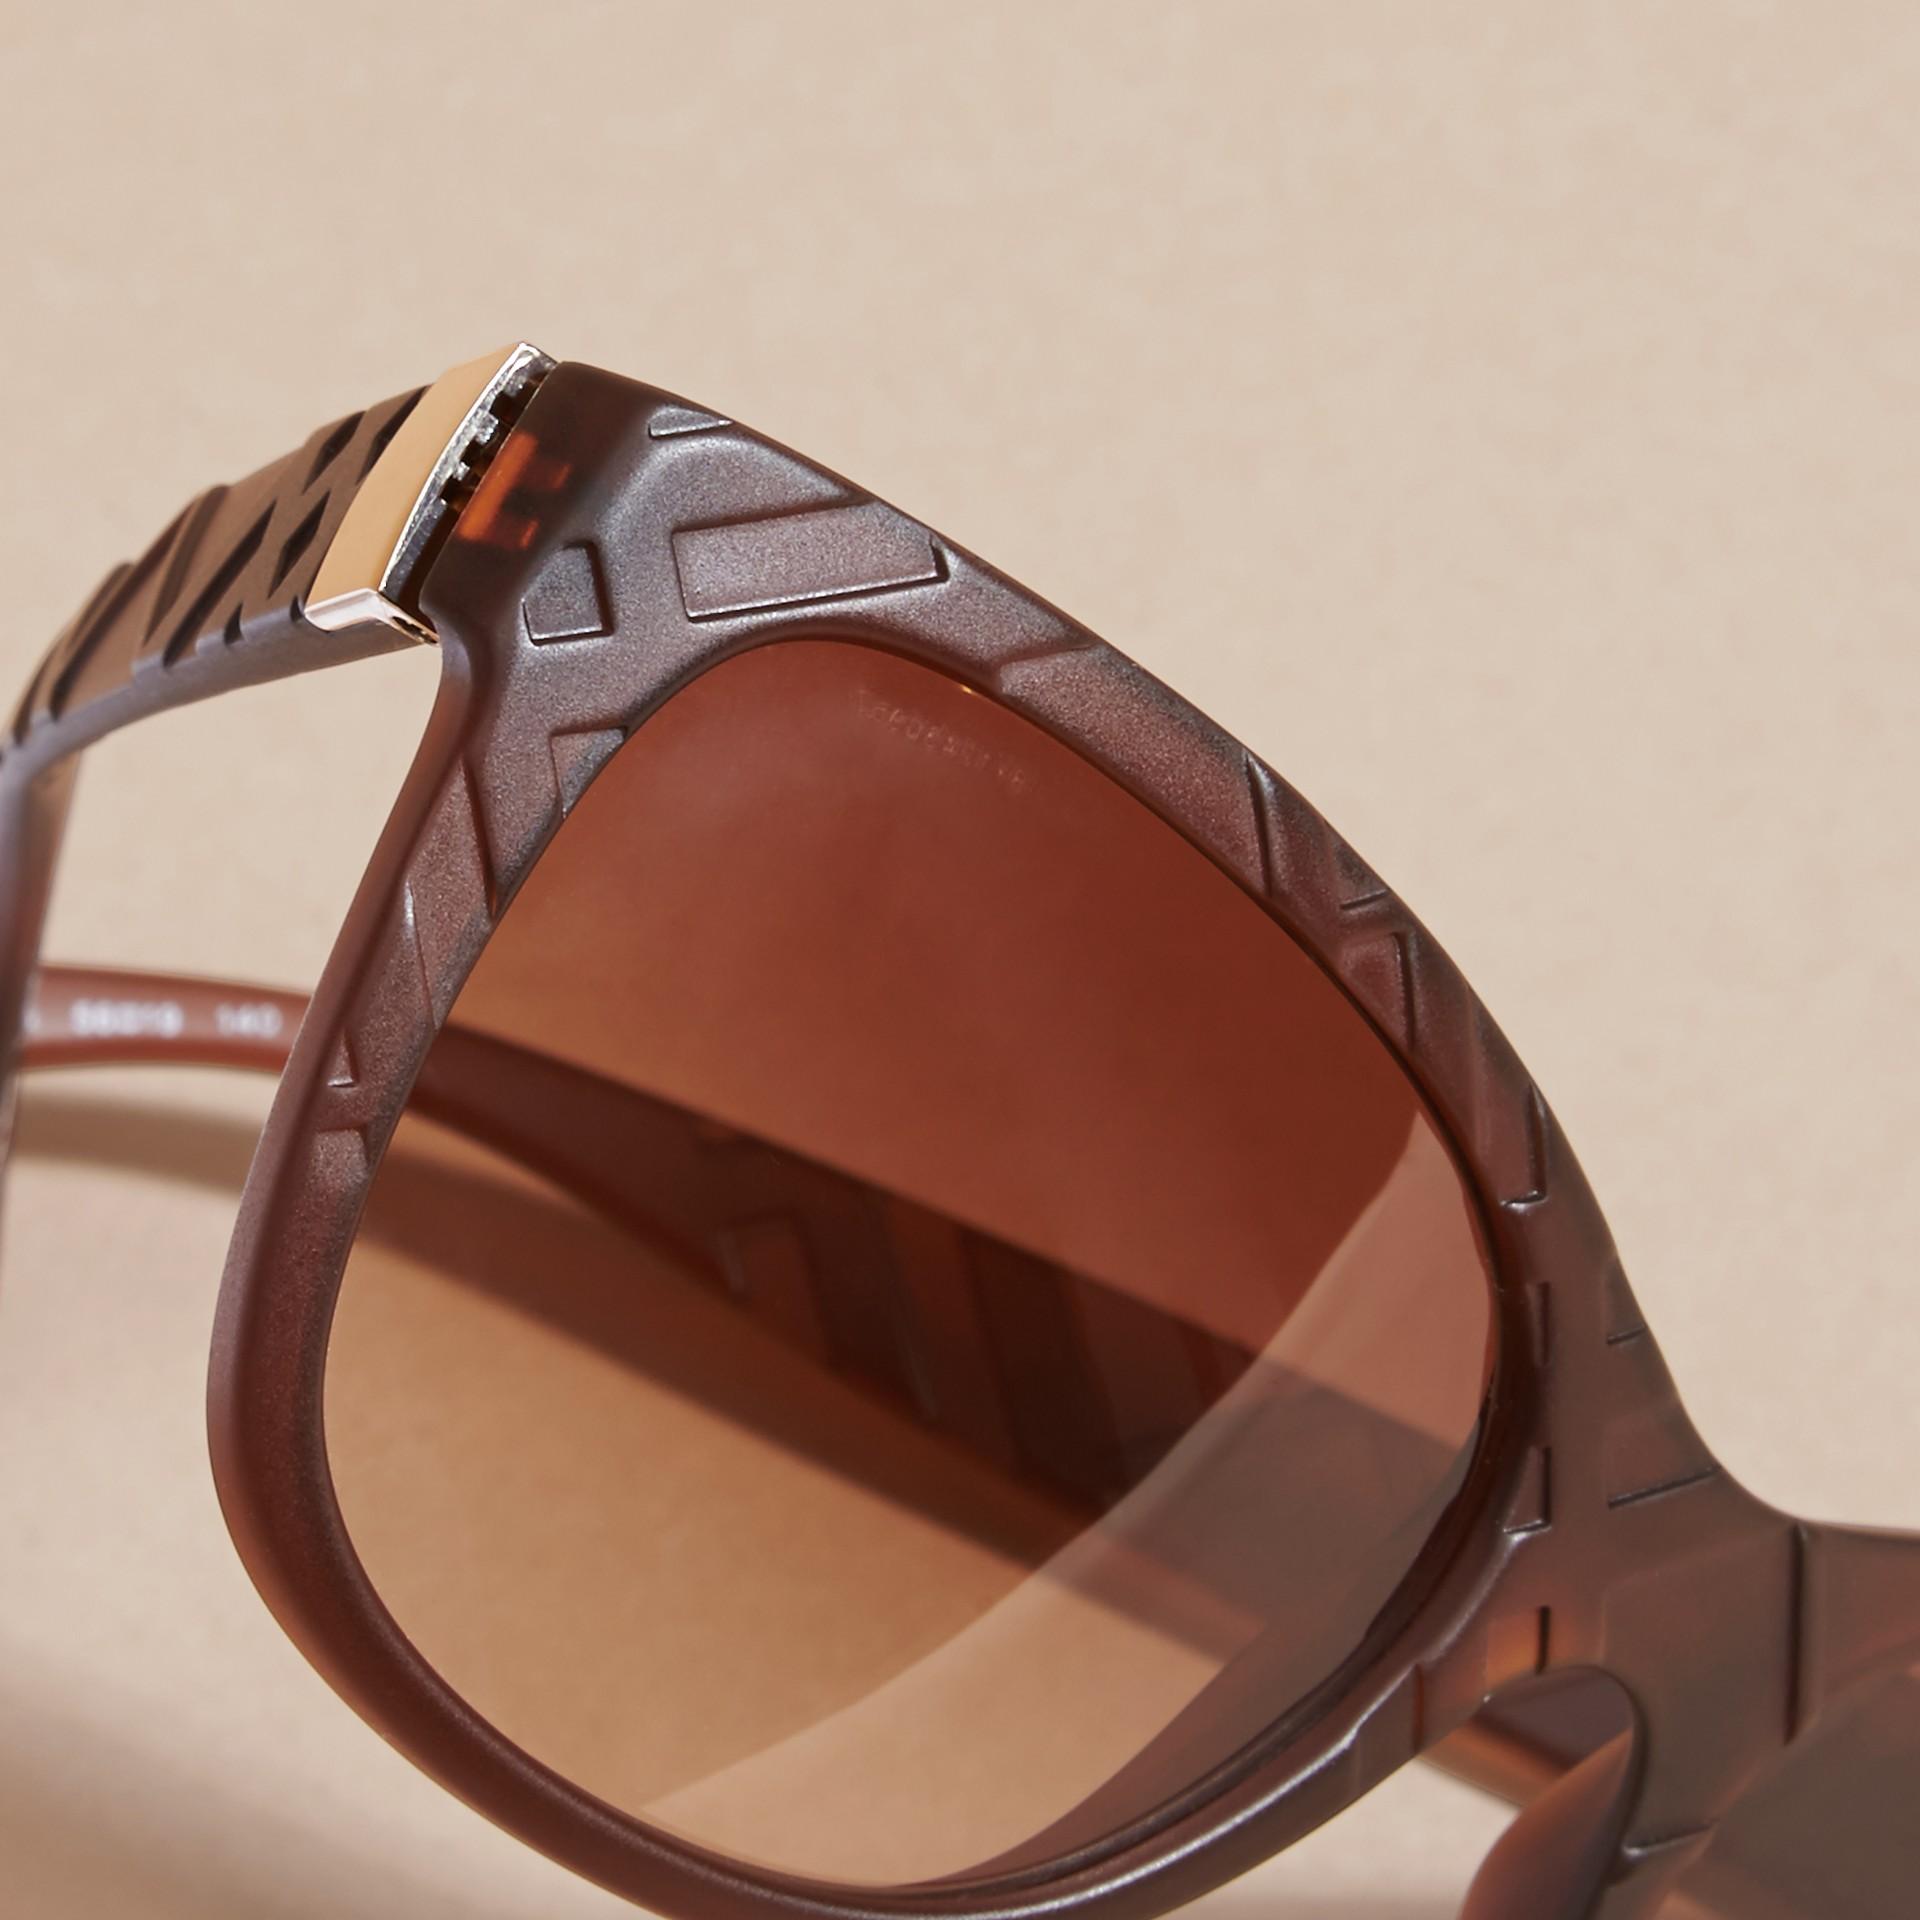 Braun Sonnenbrille mit eckigem Gestell und Check-Detail in 3D Braun - Galerie-Bild 2